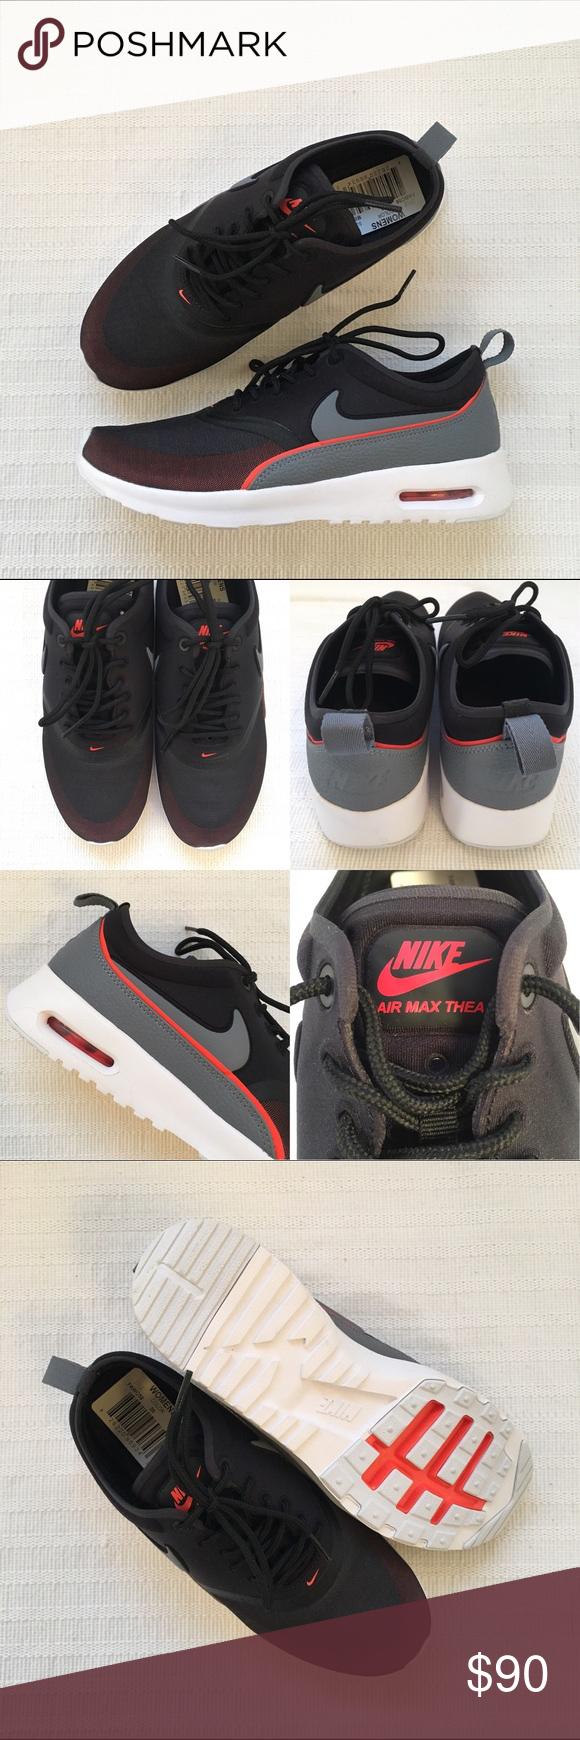 4c72a0a0ae Women's Nike Air Max Thea Ultra Sneakers Women's Nike Air Max Thea Ultra  Sneakers Style/